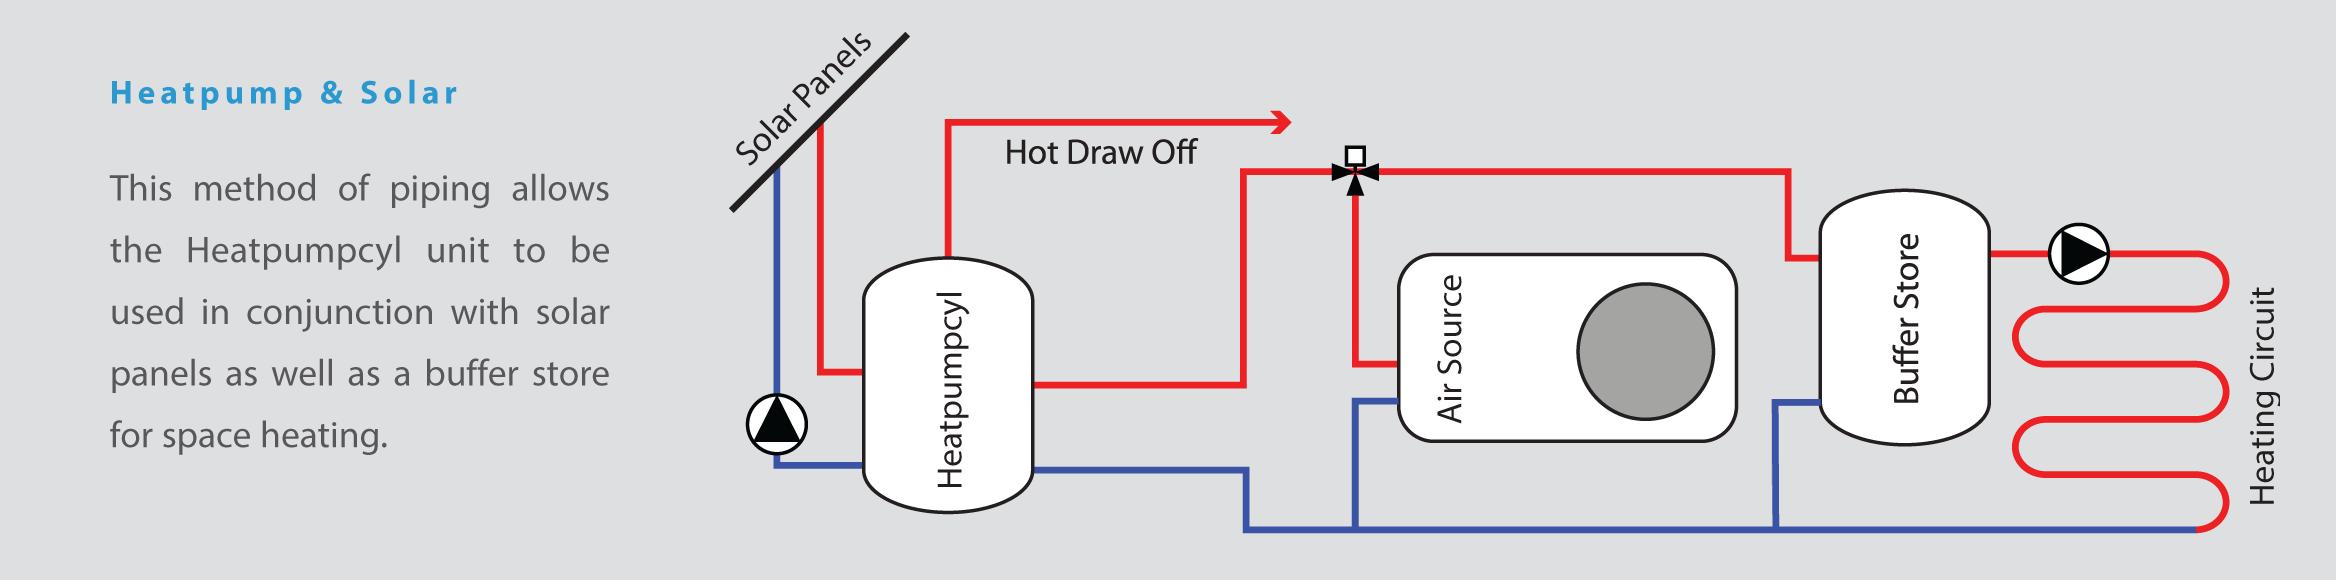 heatpump-solar.png